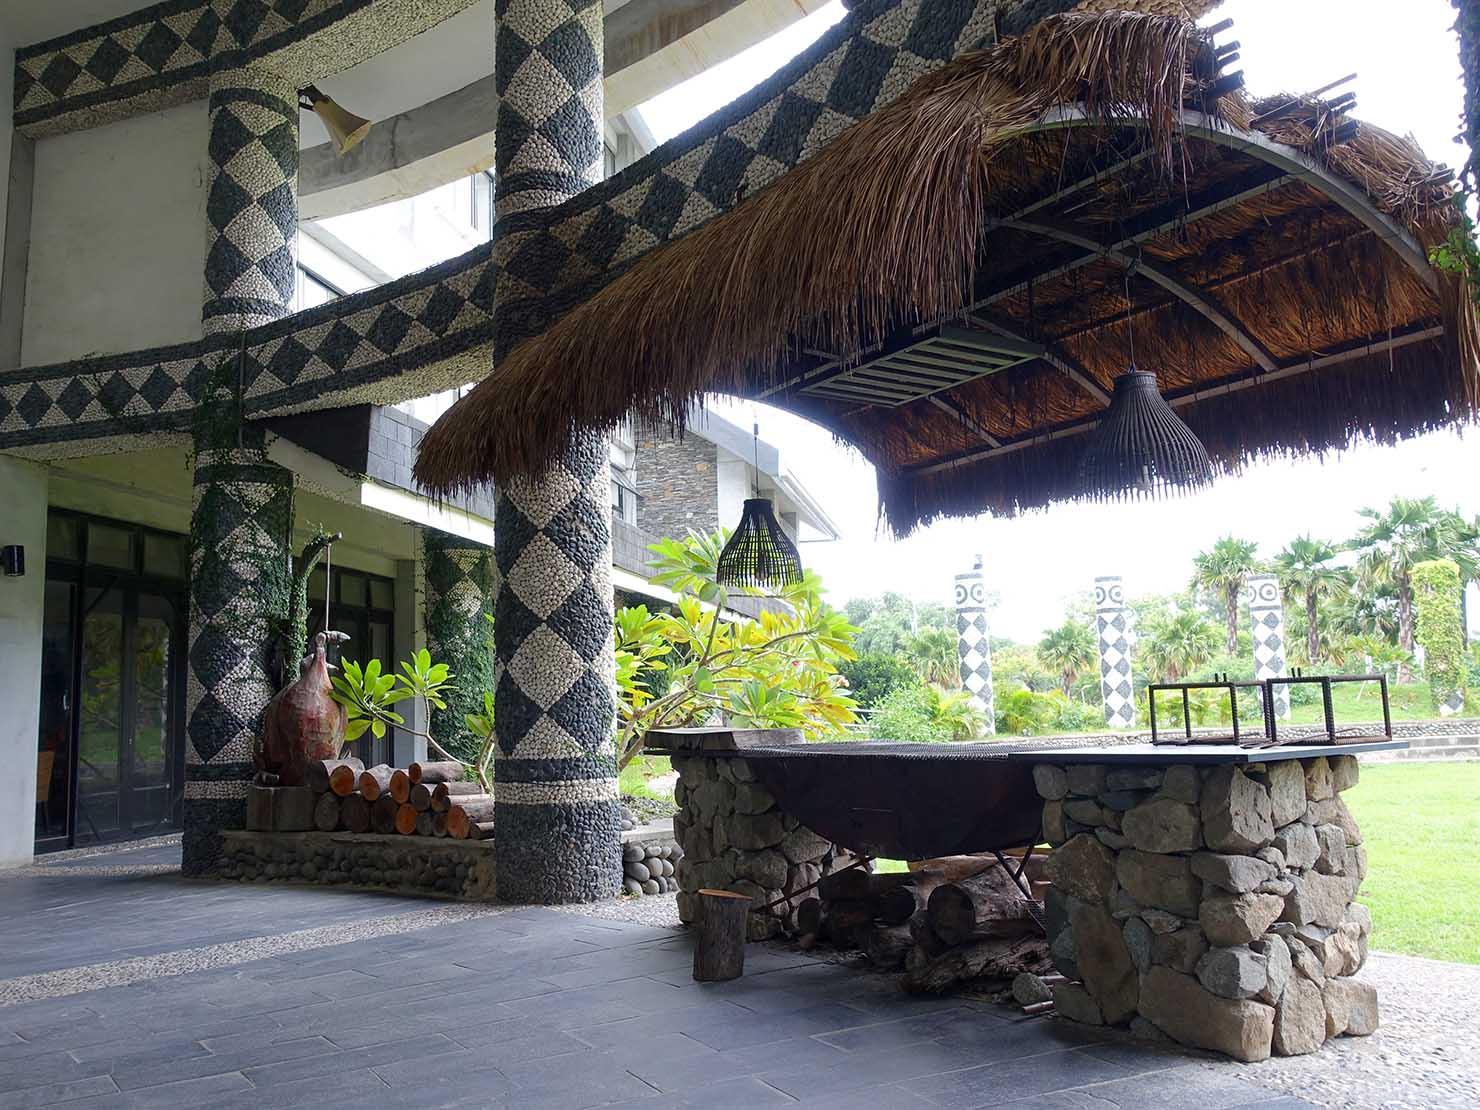 台湾・台東市街のおすすめホテル「MATA家屋」エントランスの柱